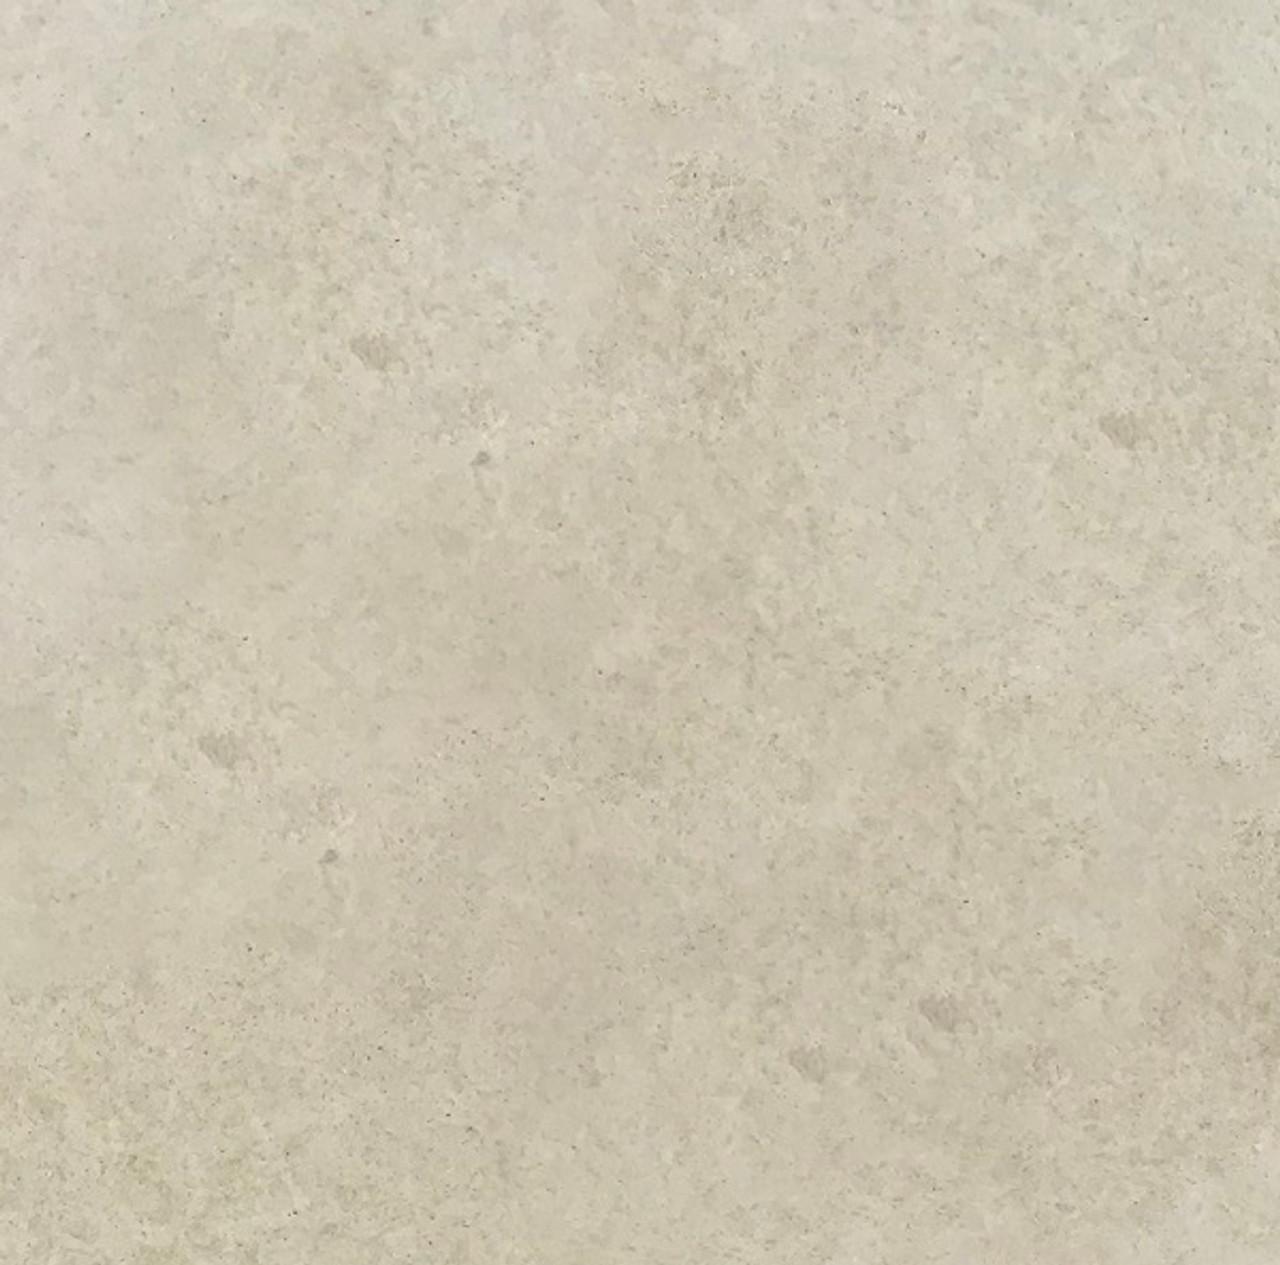 Lueders Buff  limestone diamond brushed / leathered finish